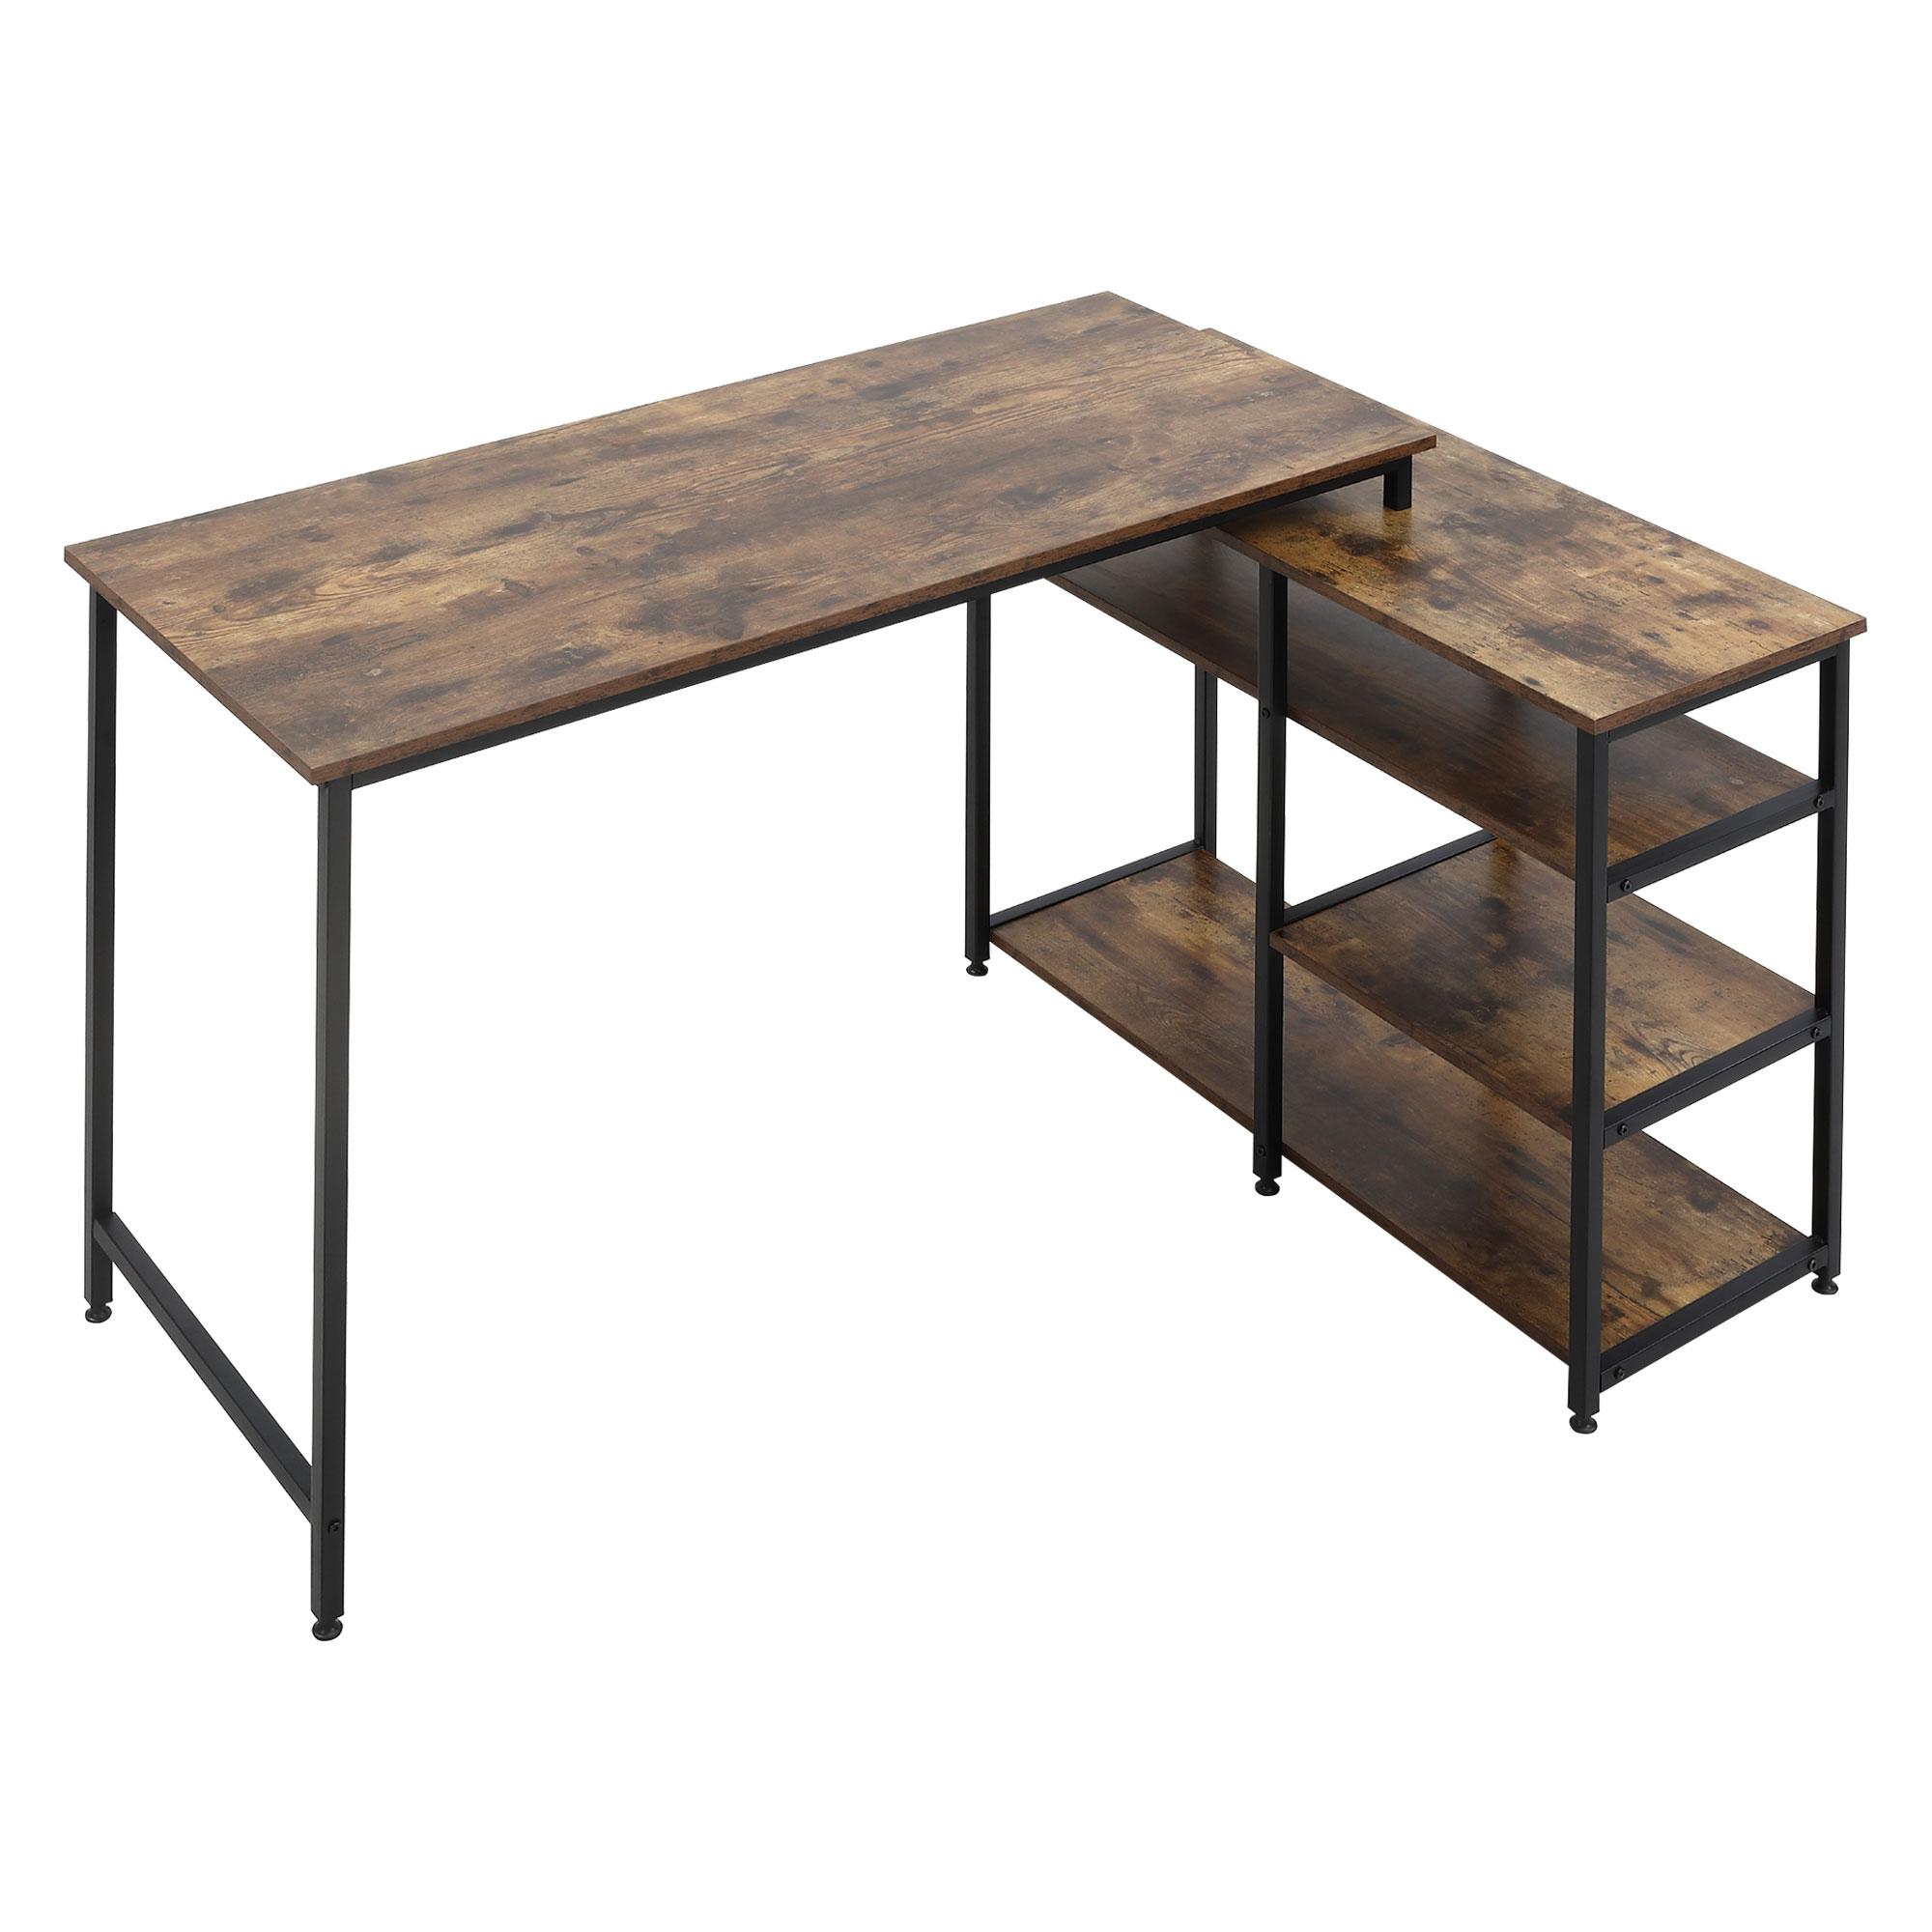 Bureau d'angle design industriel 3 étagères aspect bois métal noir